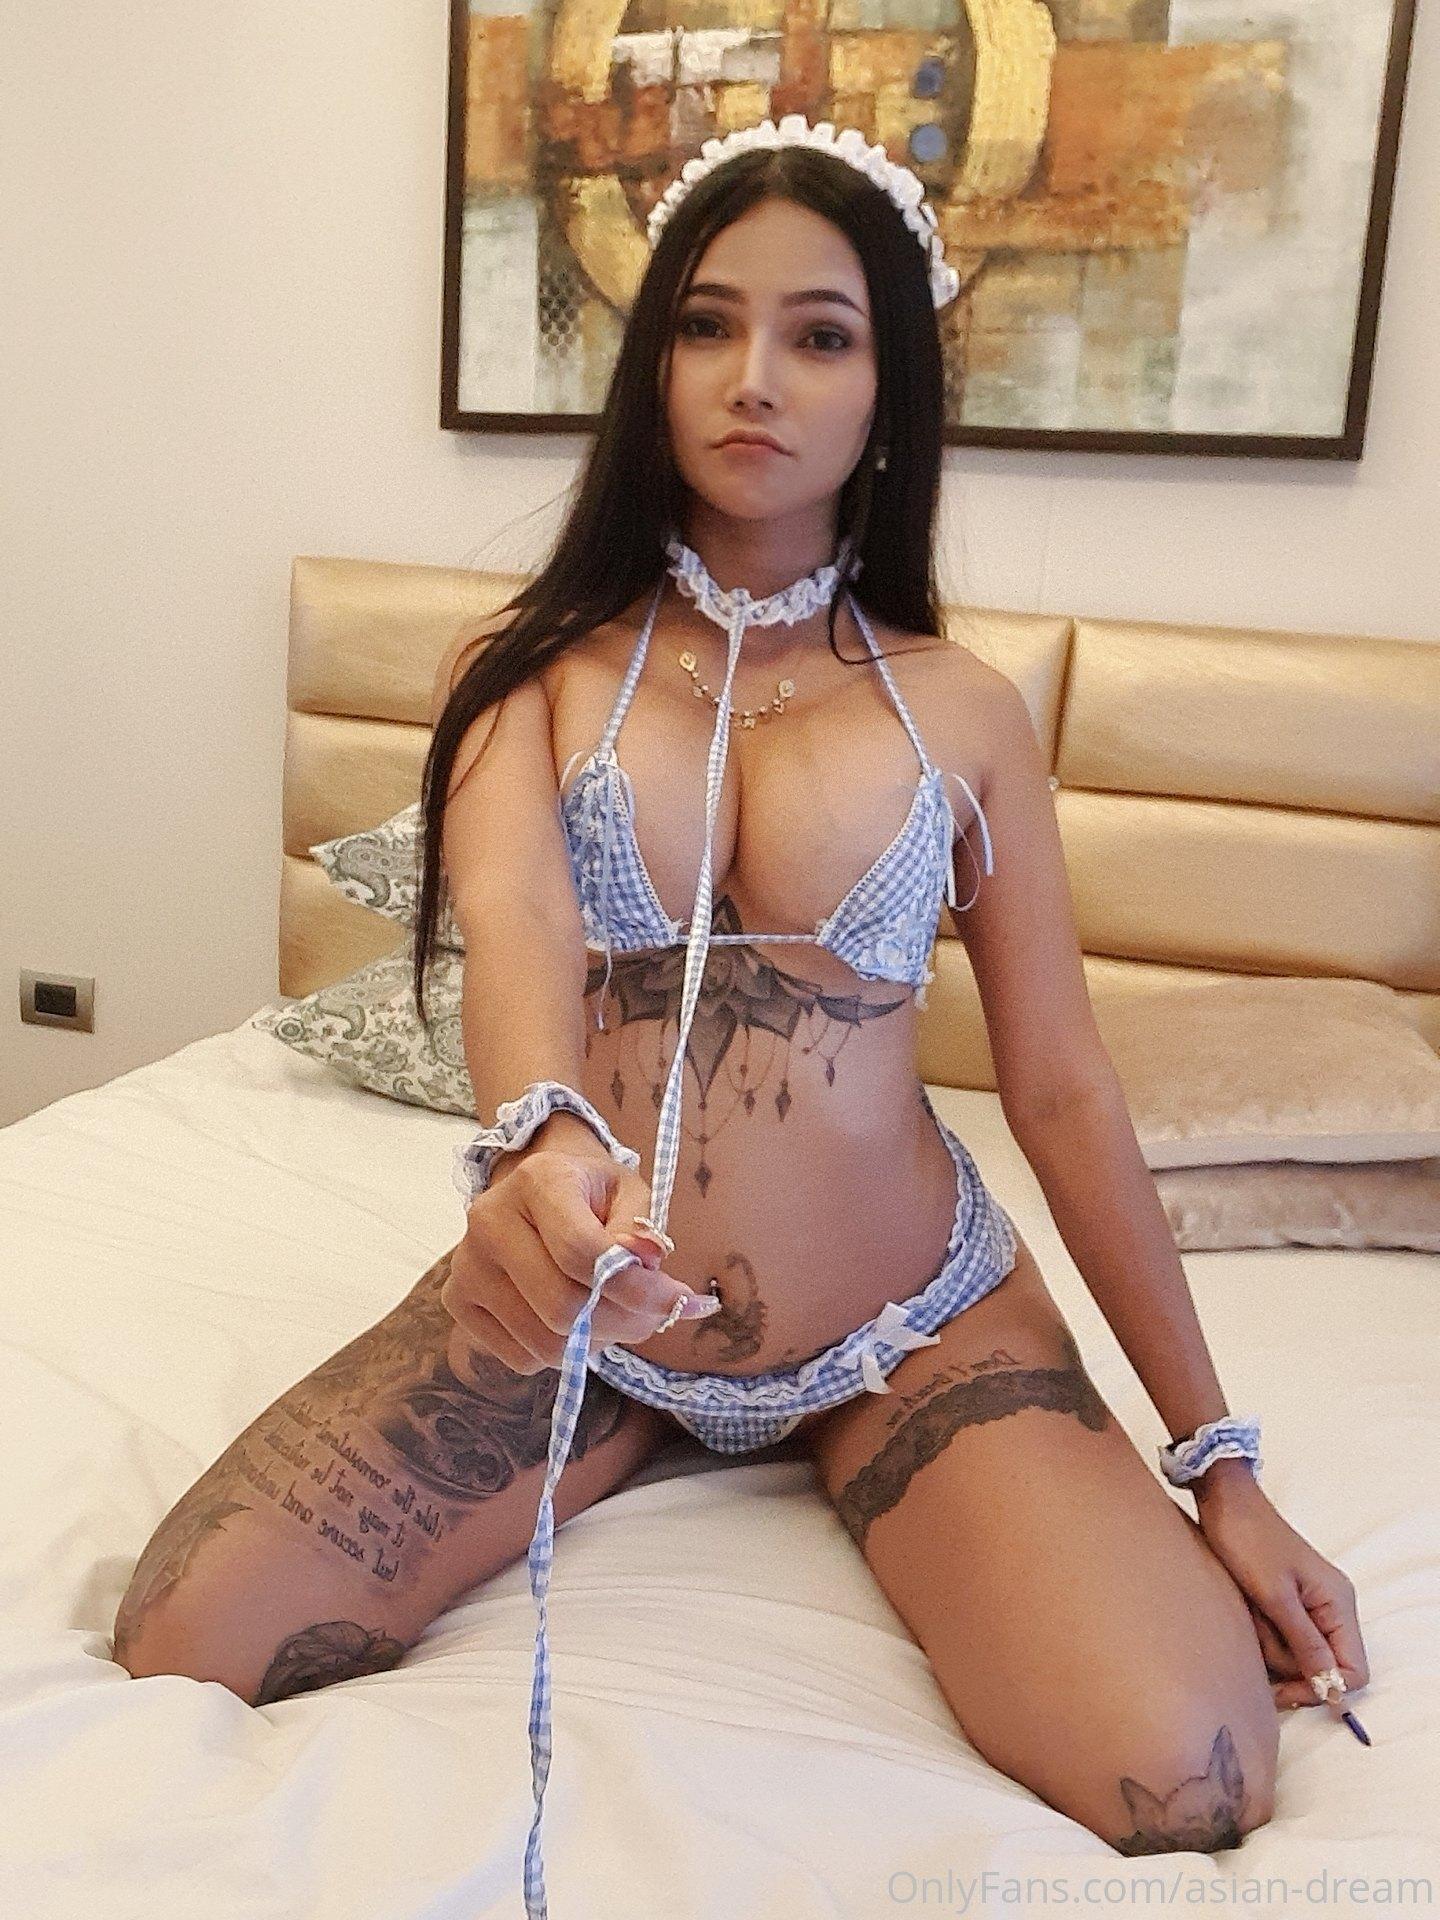 Asiandream Onlyfans 0031